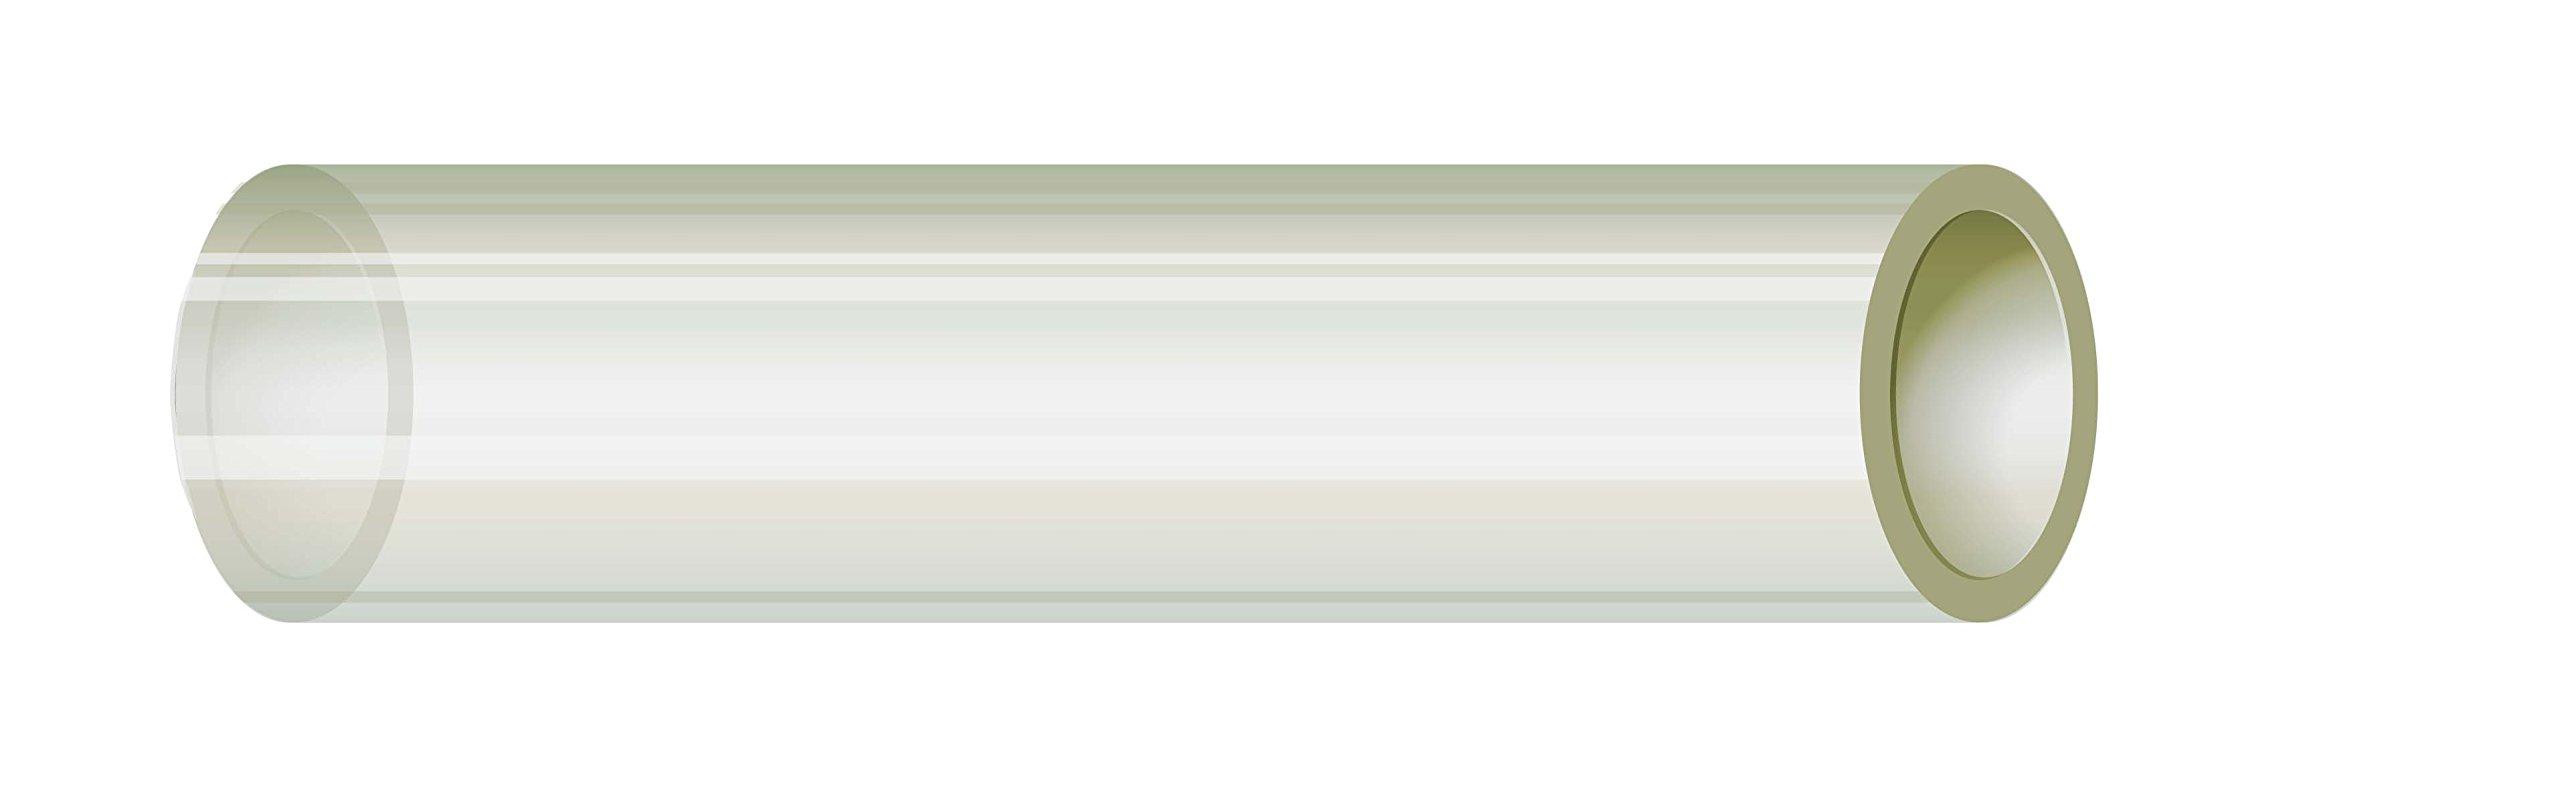 Sierra 116-150-0346 Clear 3/4'' x 50' PVC Hose